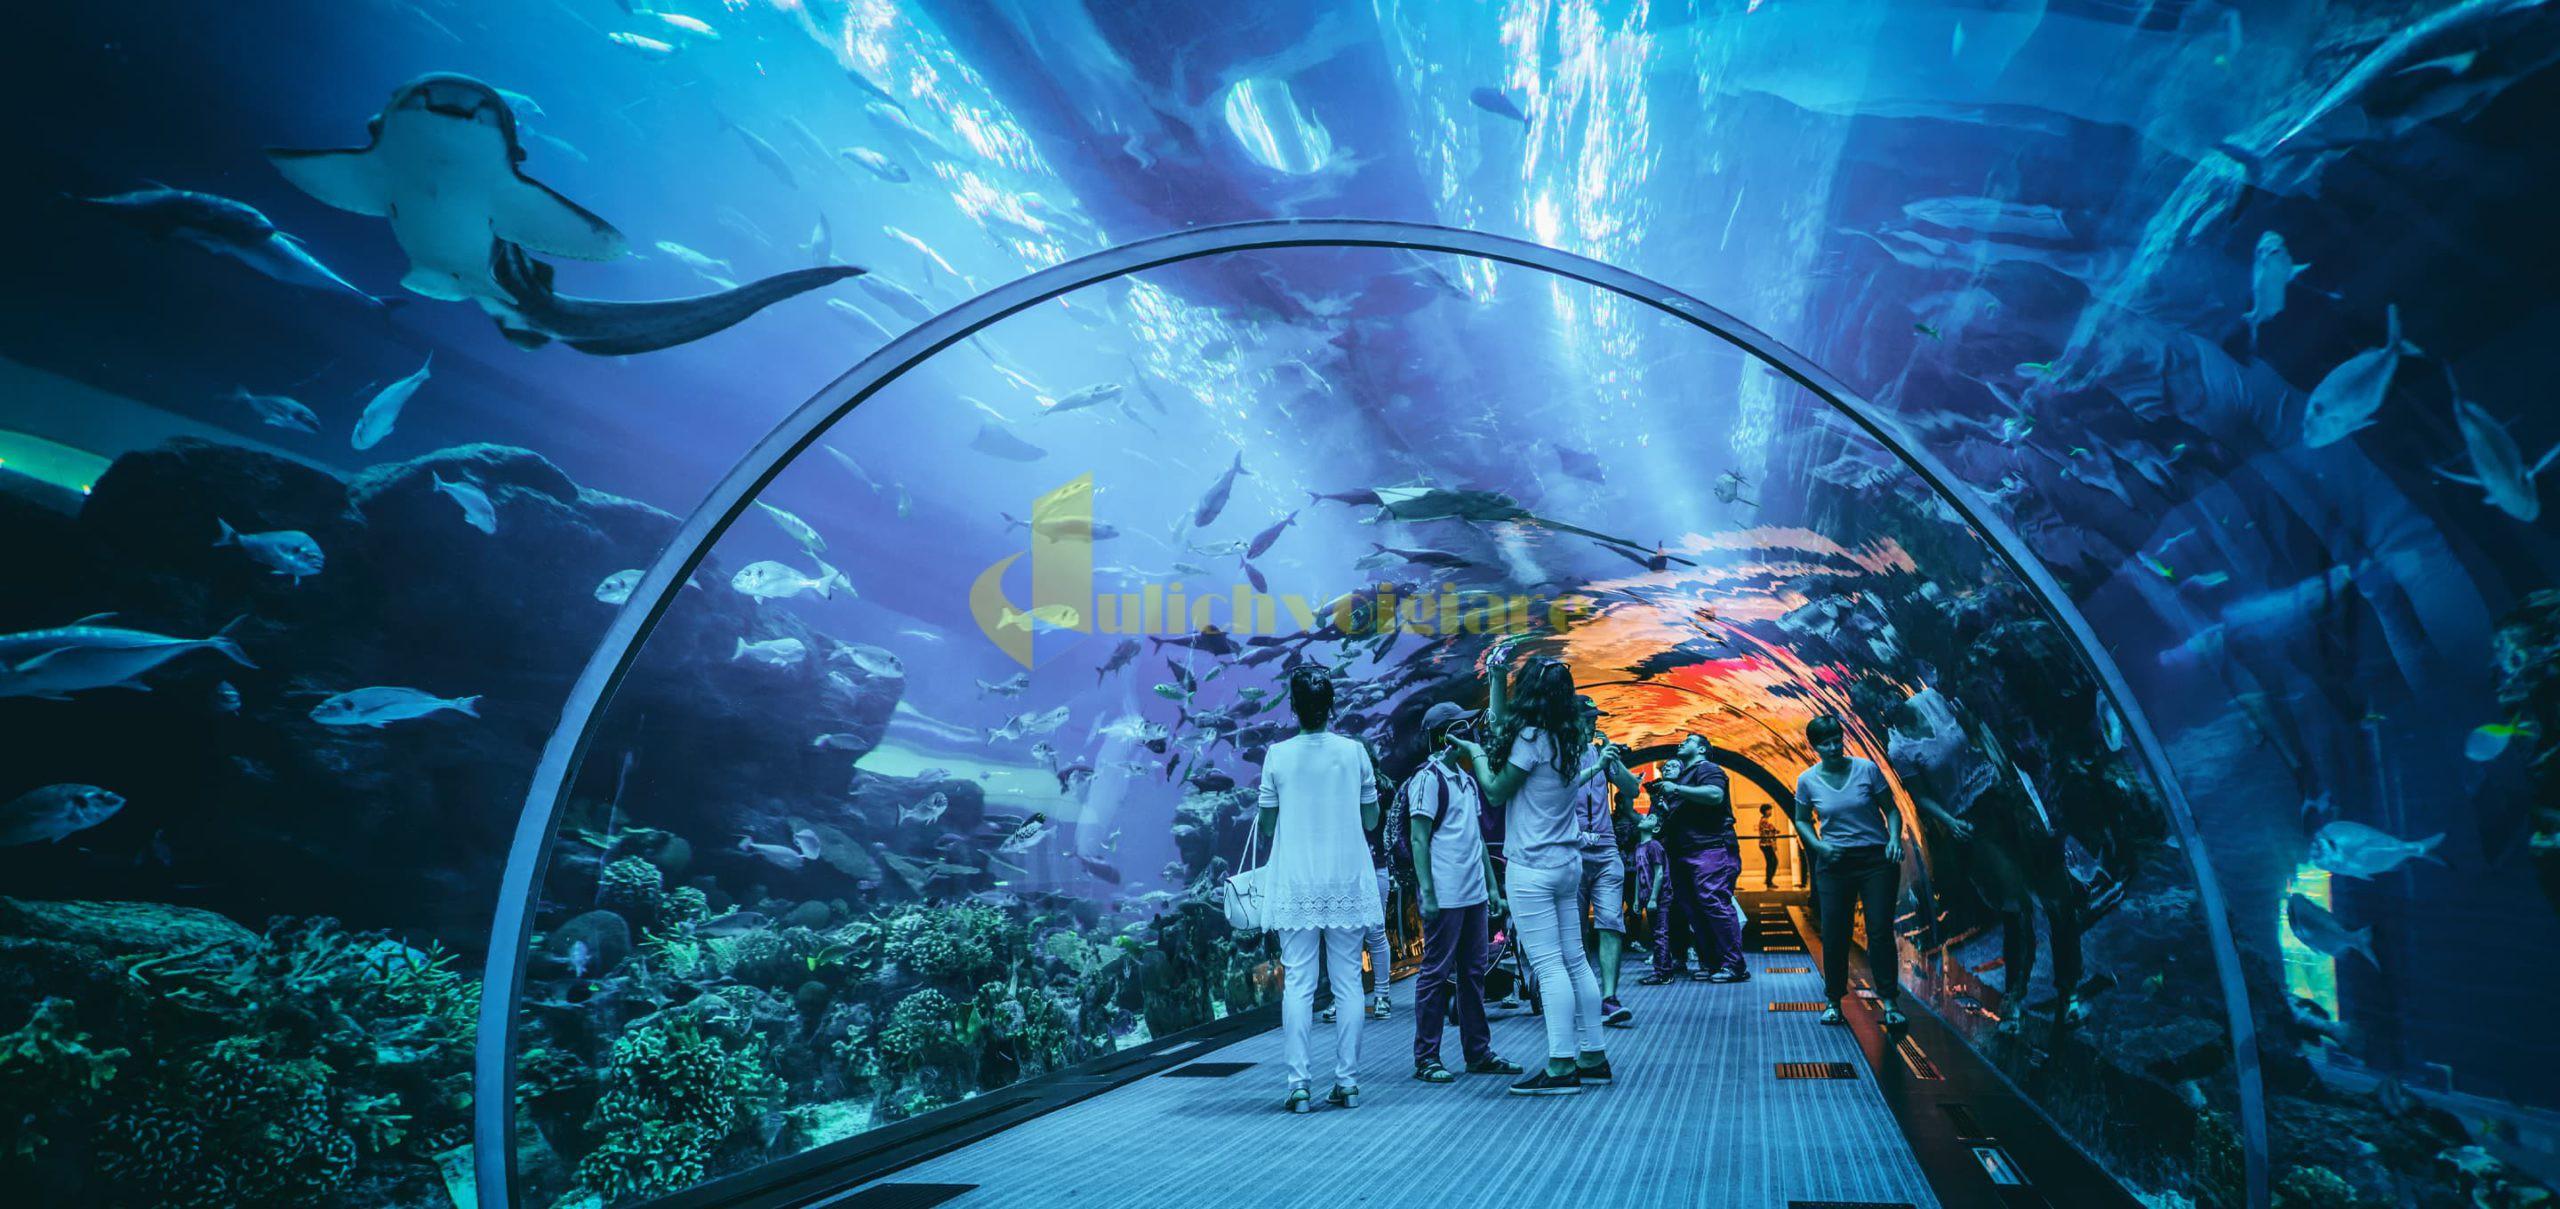 quảng-trường-đại-dương-scaled-1 Lý Do Đến Với VinWonders Nha Trang